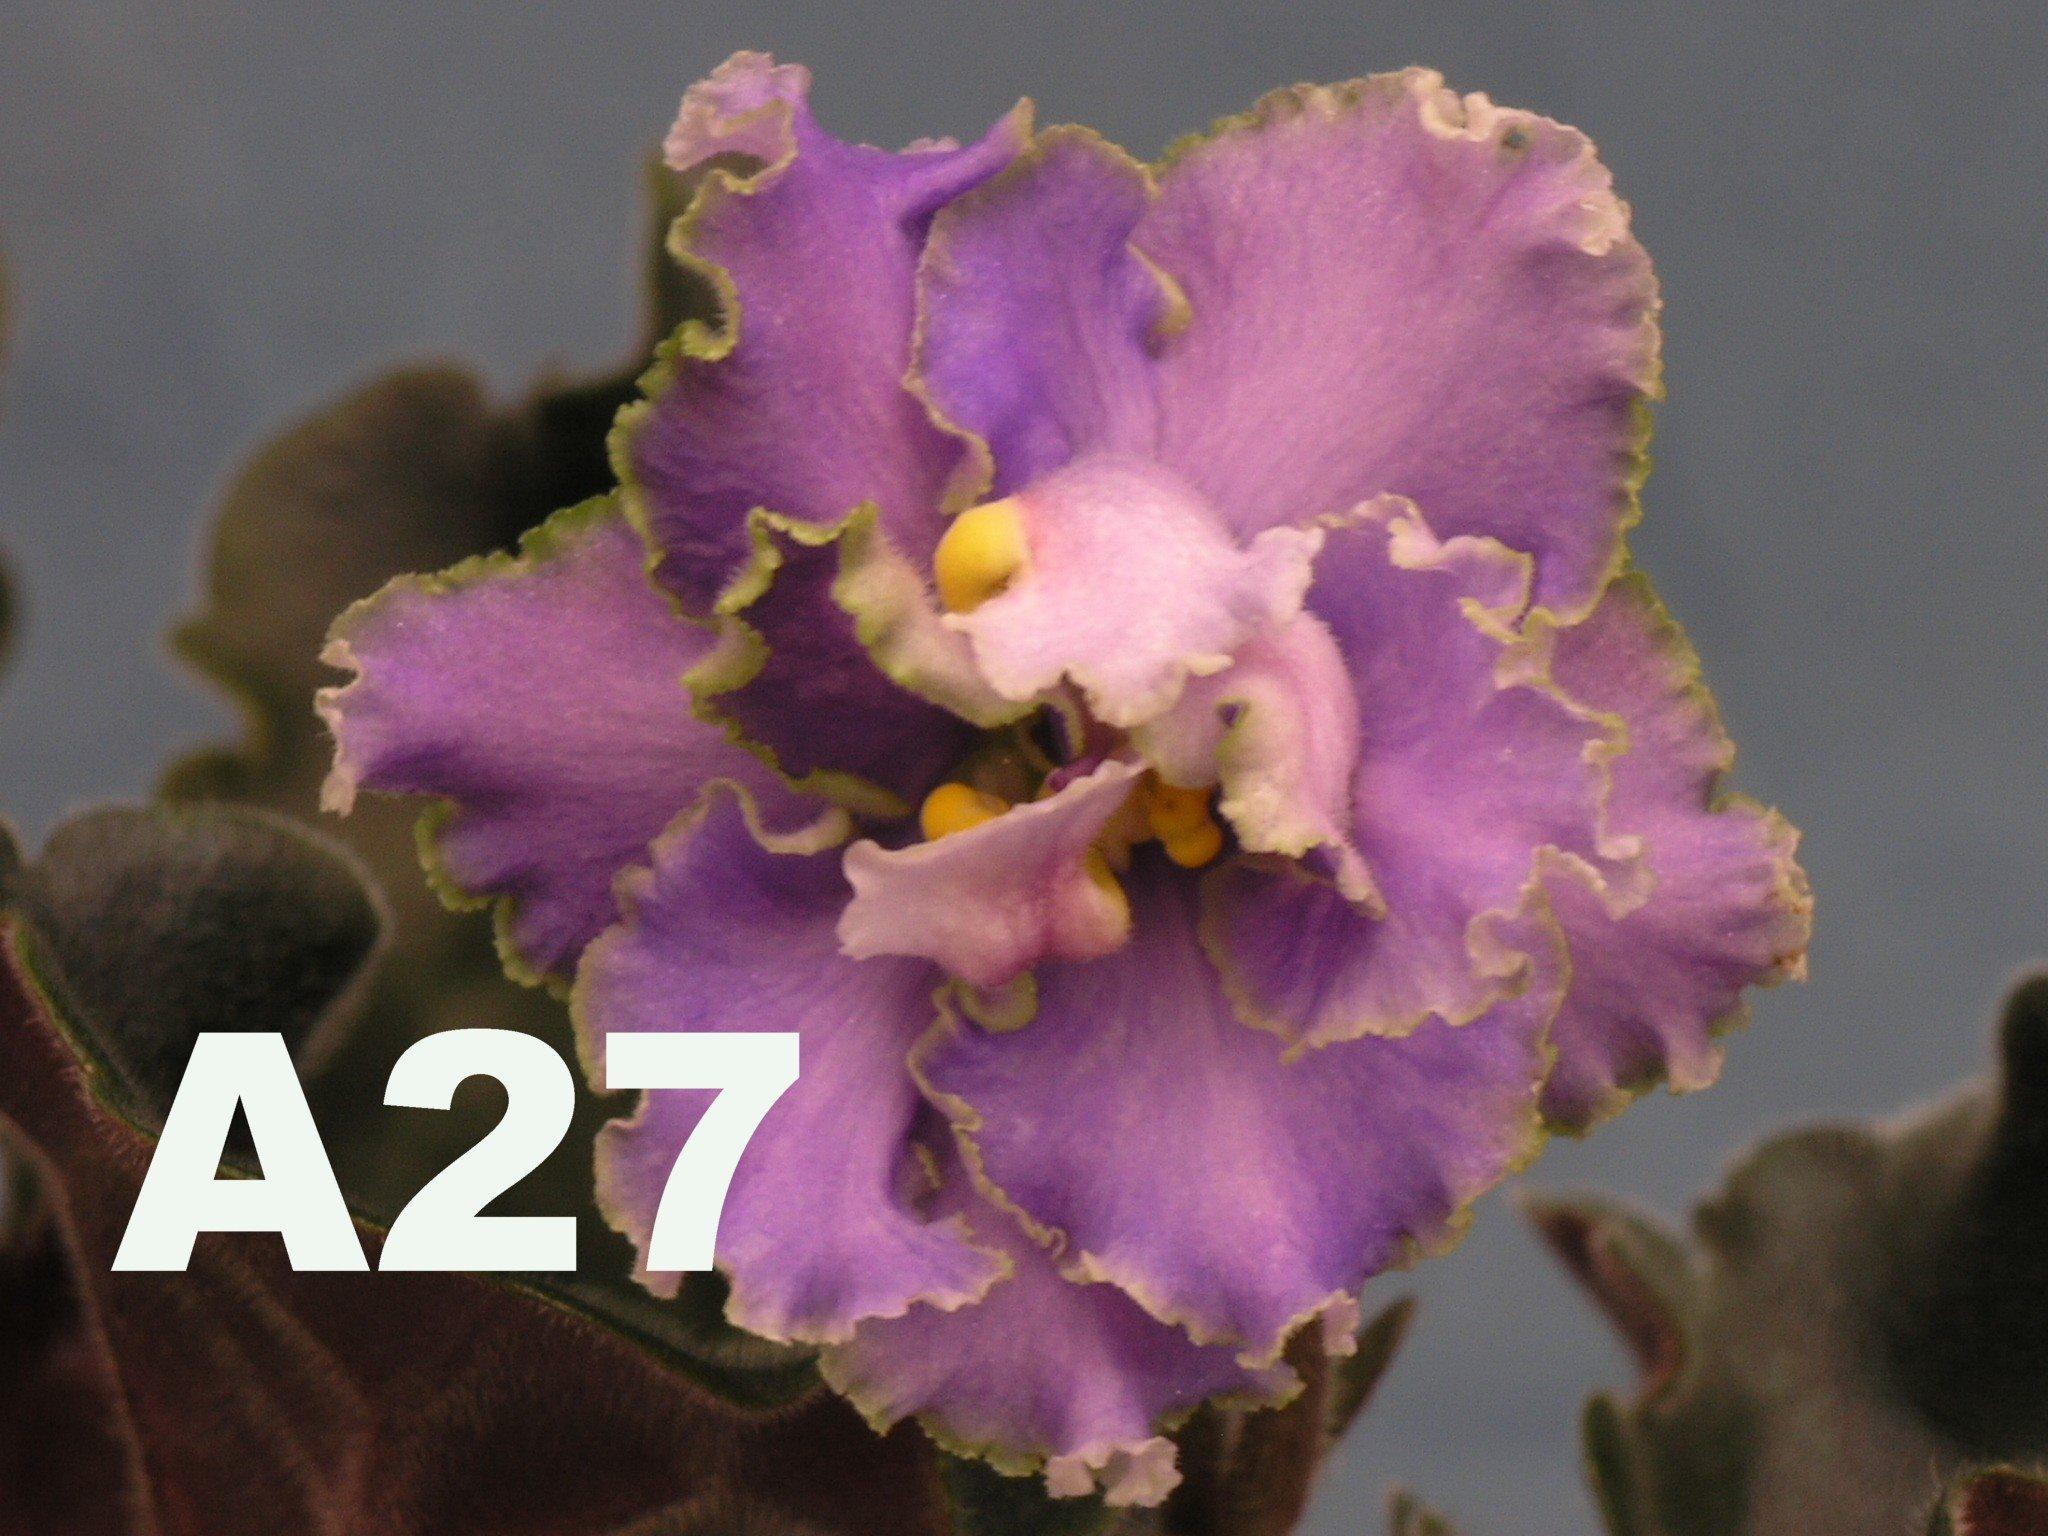 非洲紫羅蘭名錄 | African Violets Catalogue - A系列 A27